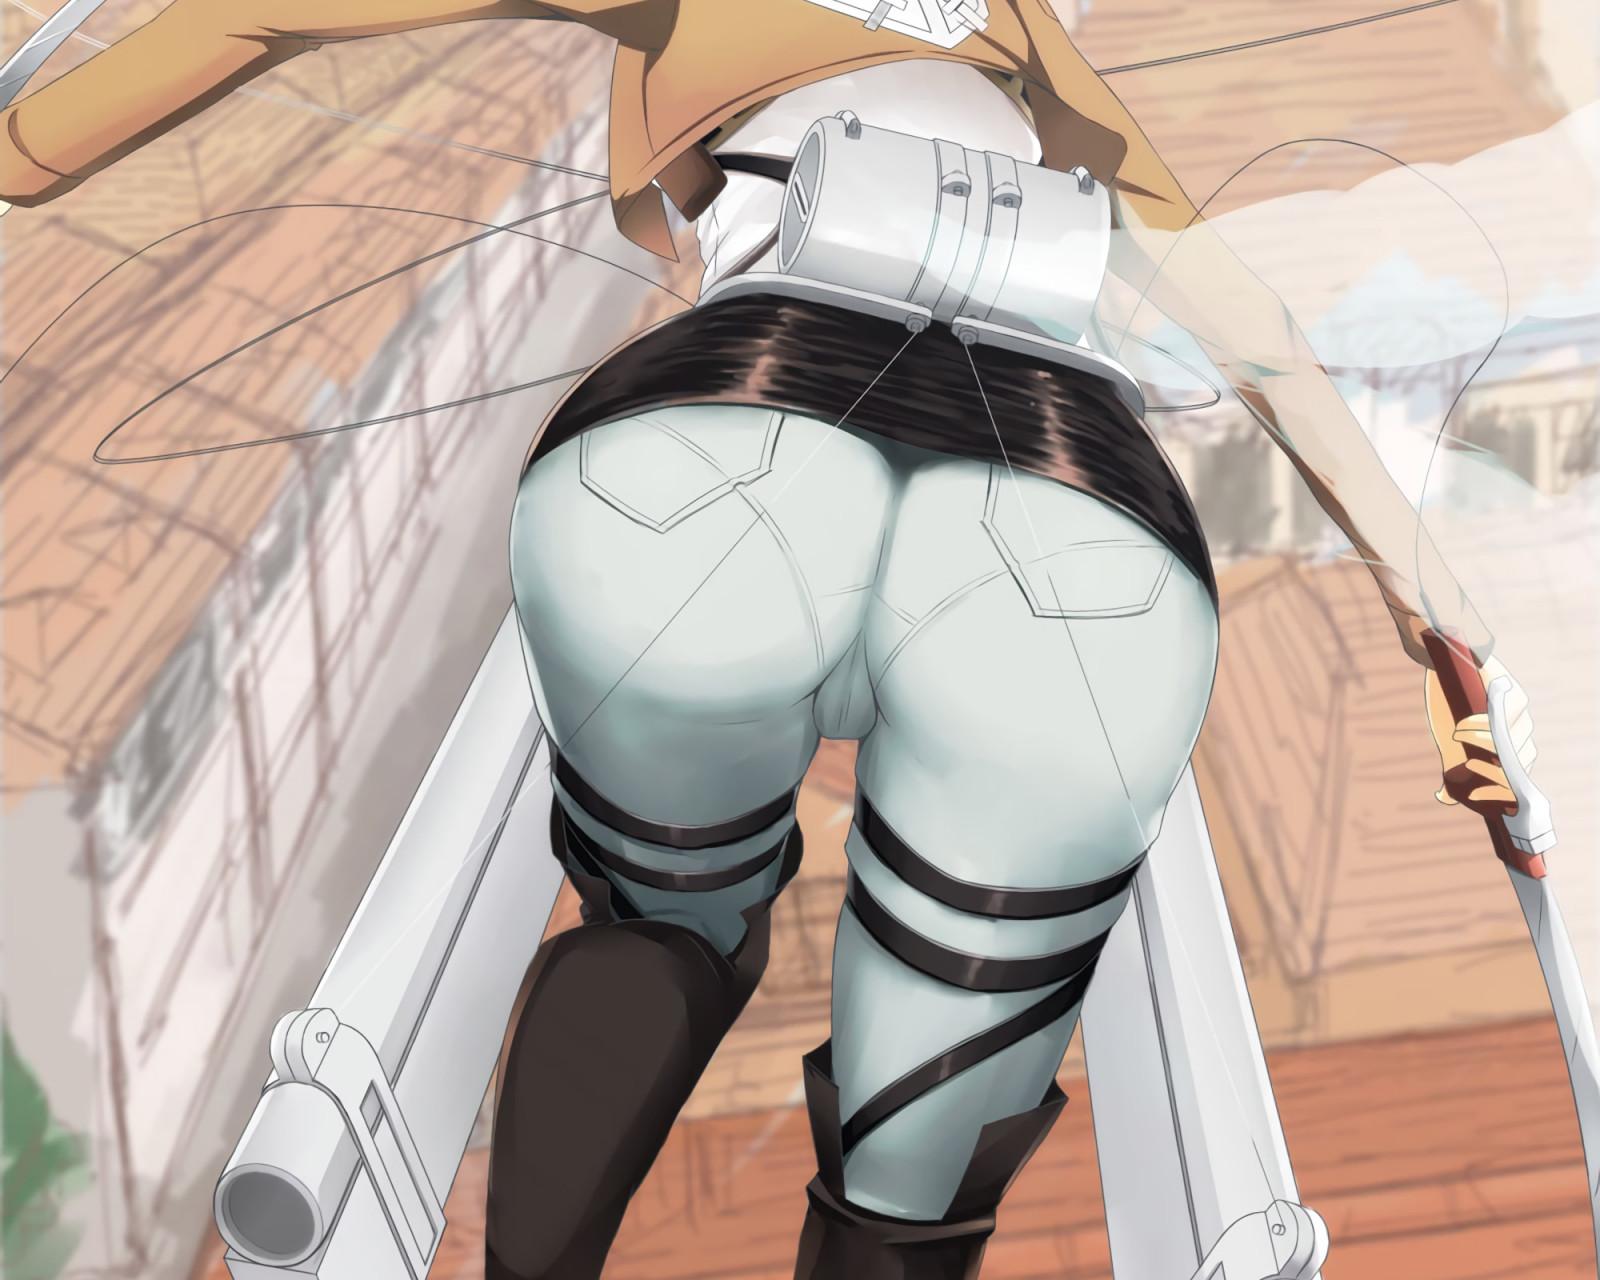 Wallpaper : Mikasa Ackerman, Shingeki no Kyojin, anime